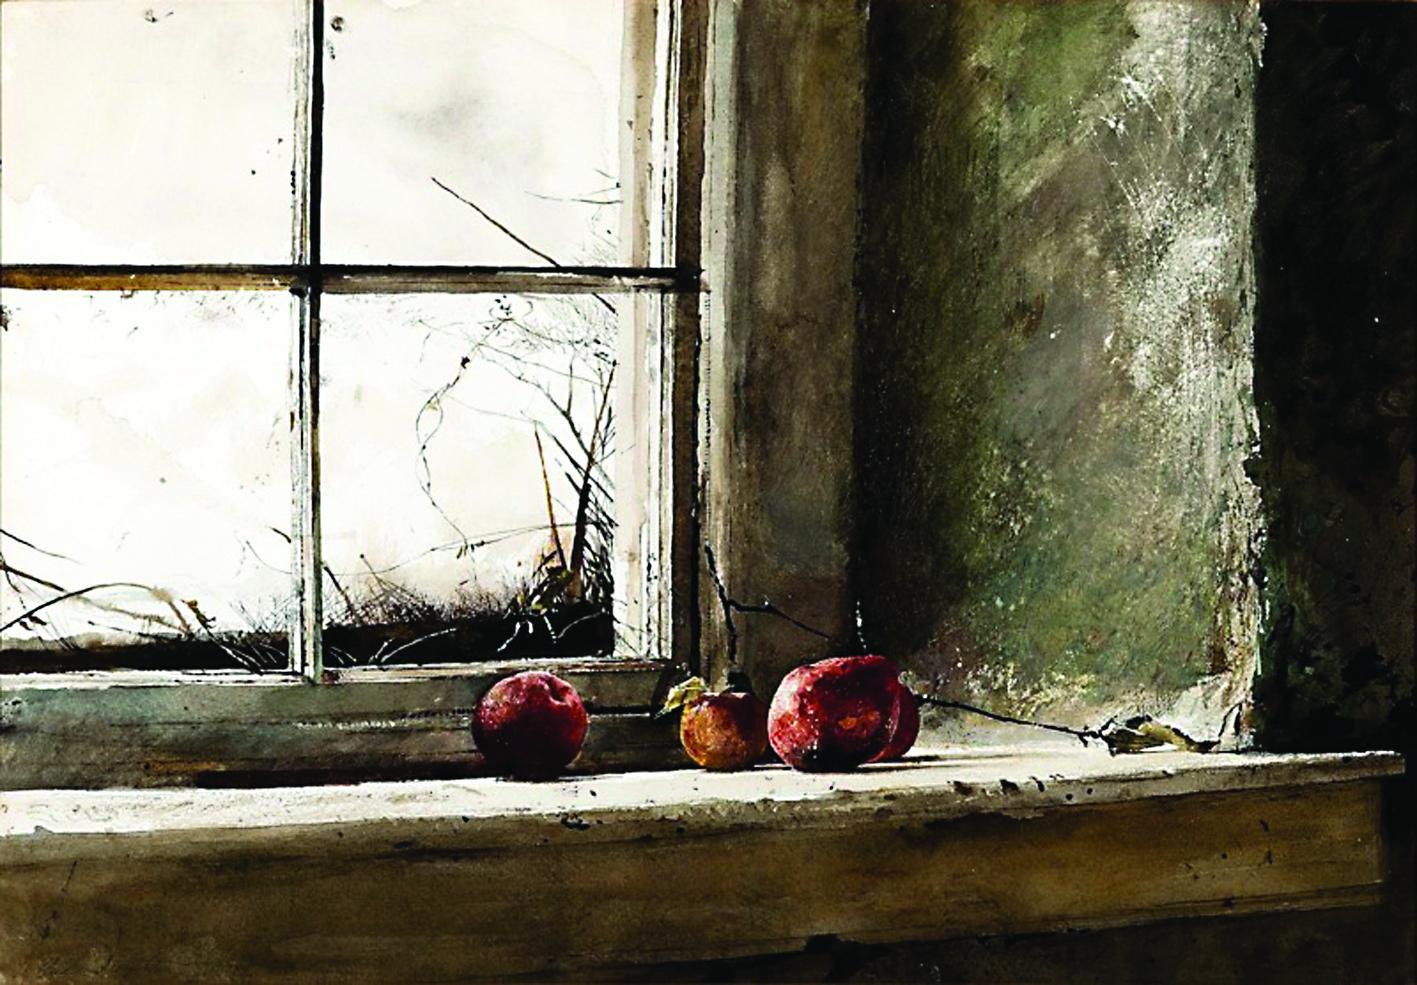 Эндрю Уайет. Подмороженные яблоки. 1962 год